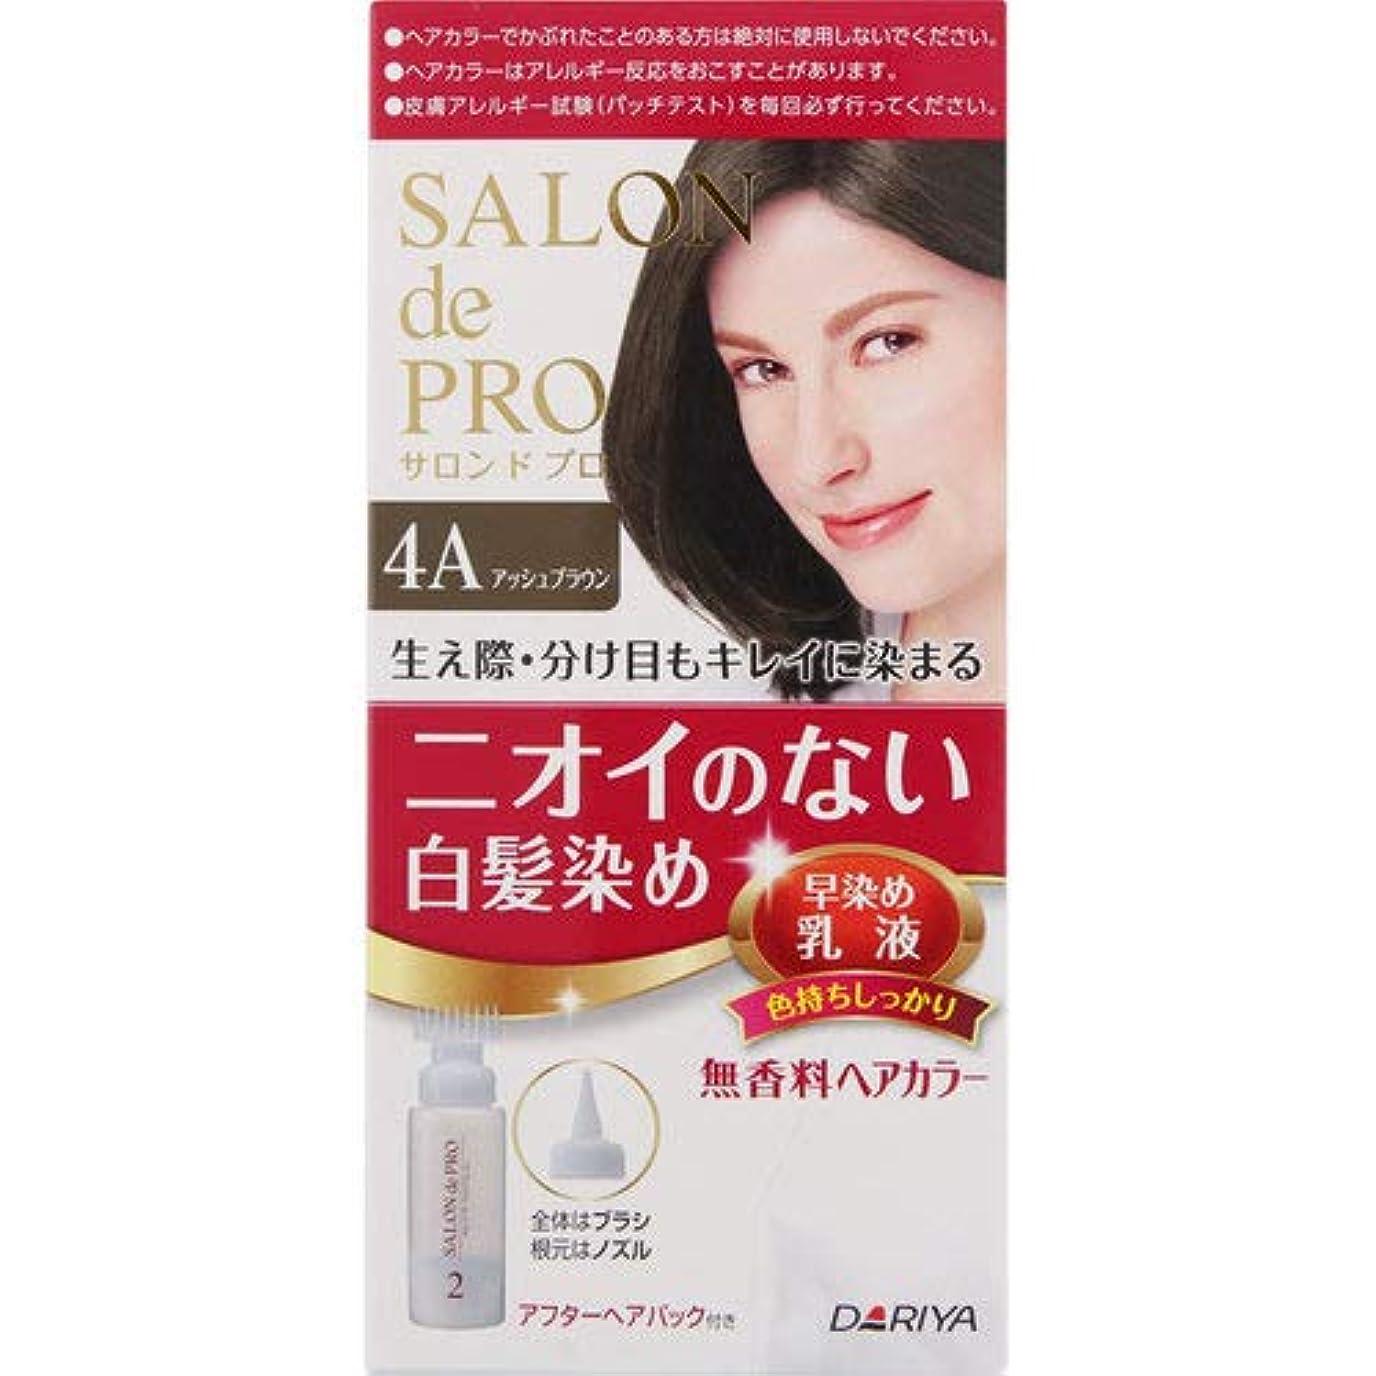 ピューお茶月曜サロンドプロ無香料ヘアカラー早染め乳液4A(アッシュブラウン)